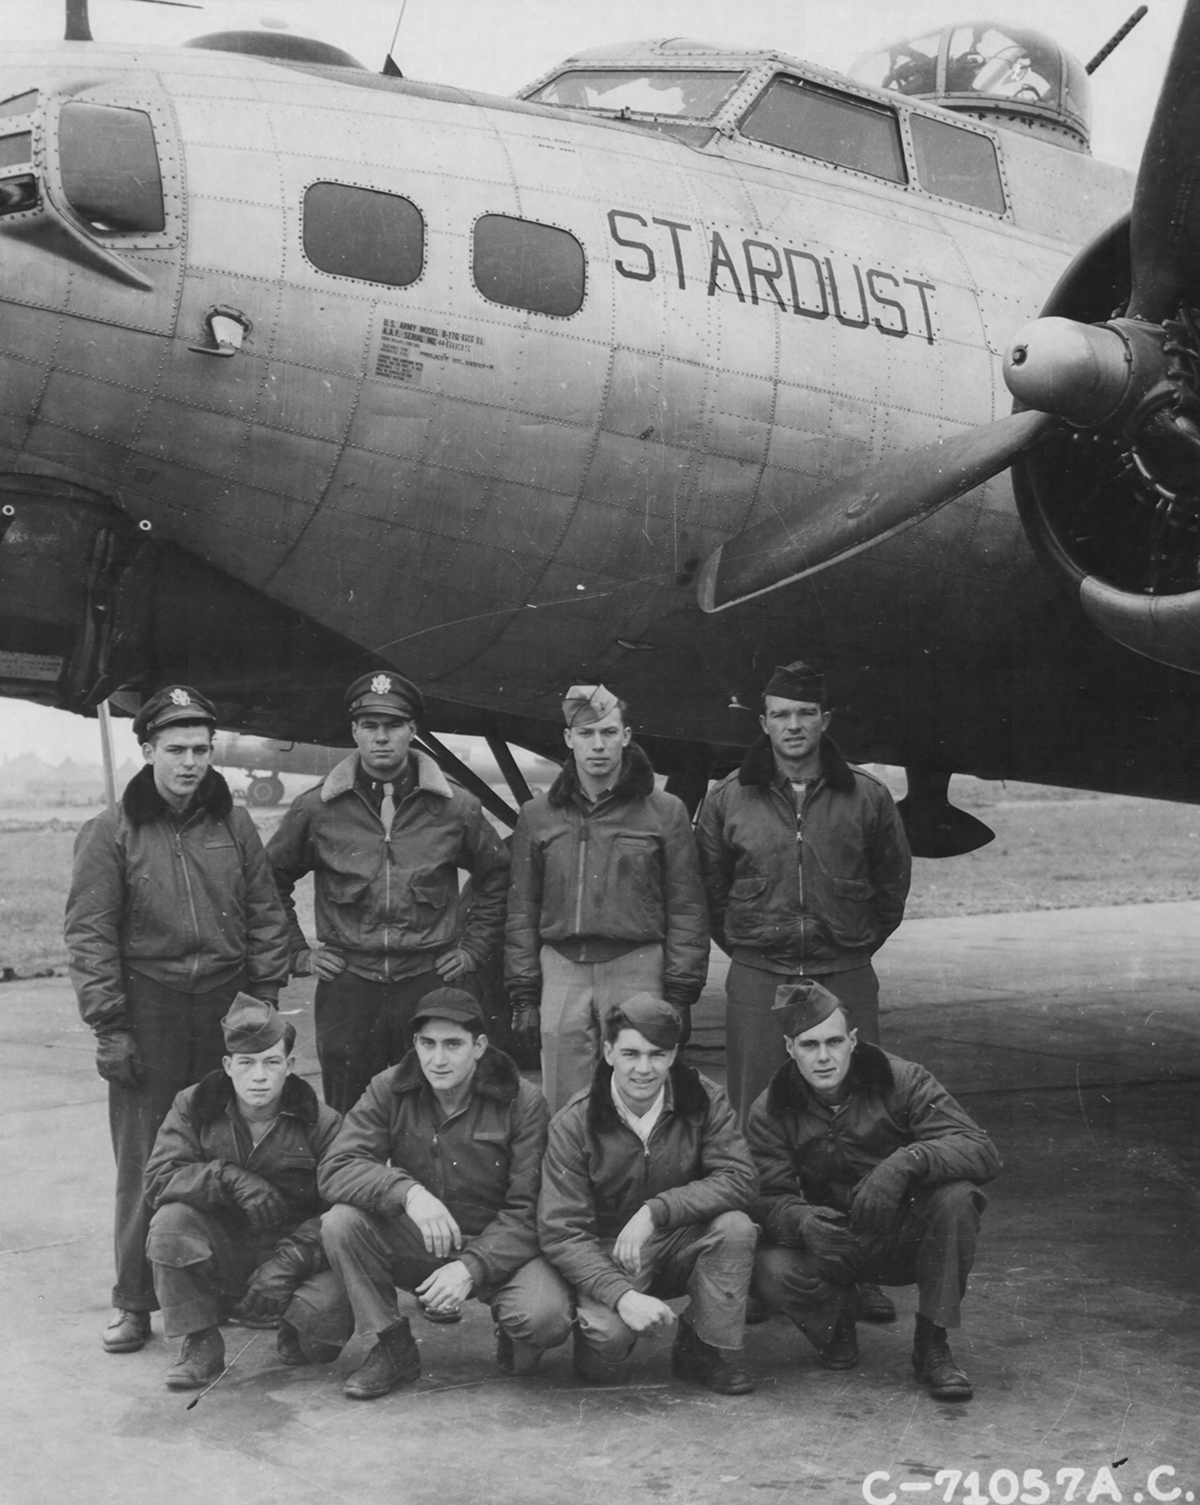 B-17 #44-6835 / Stardust